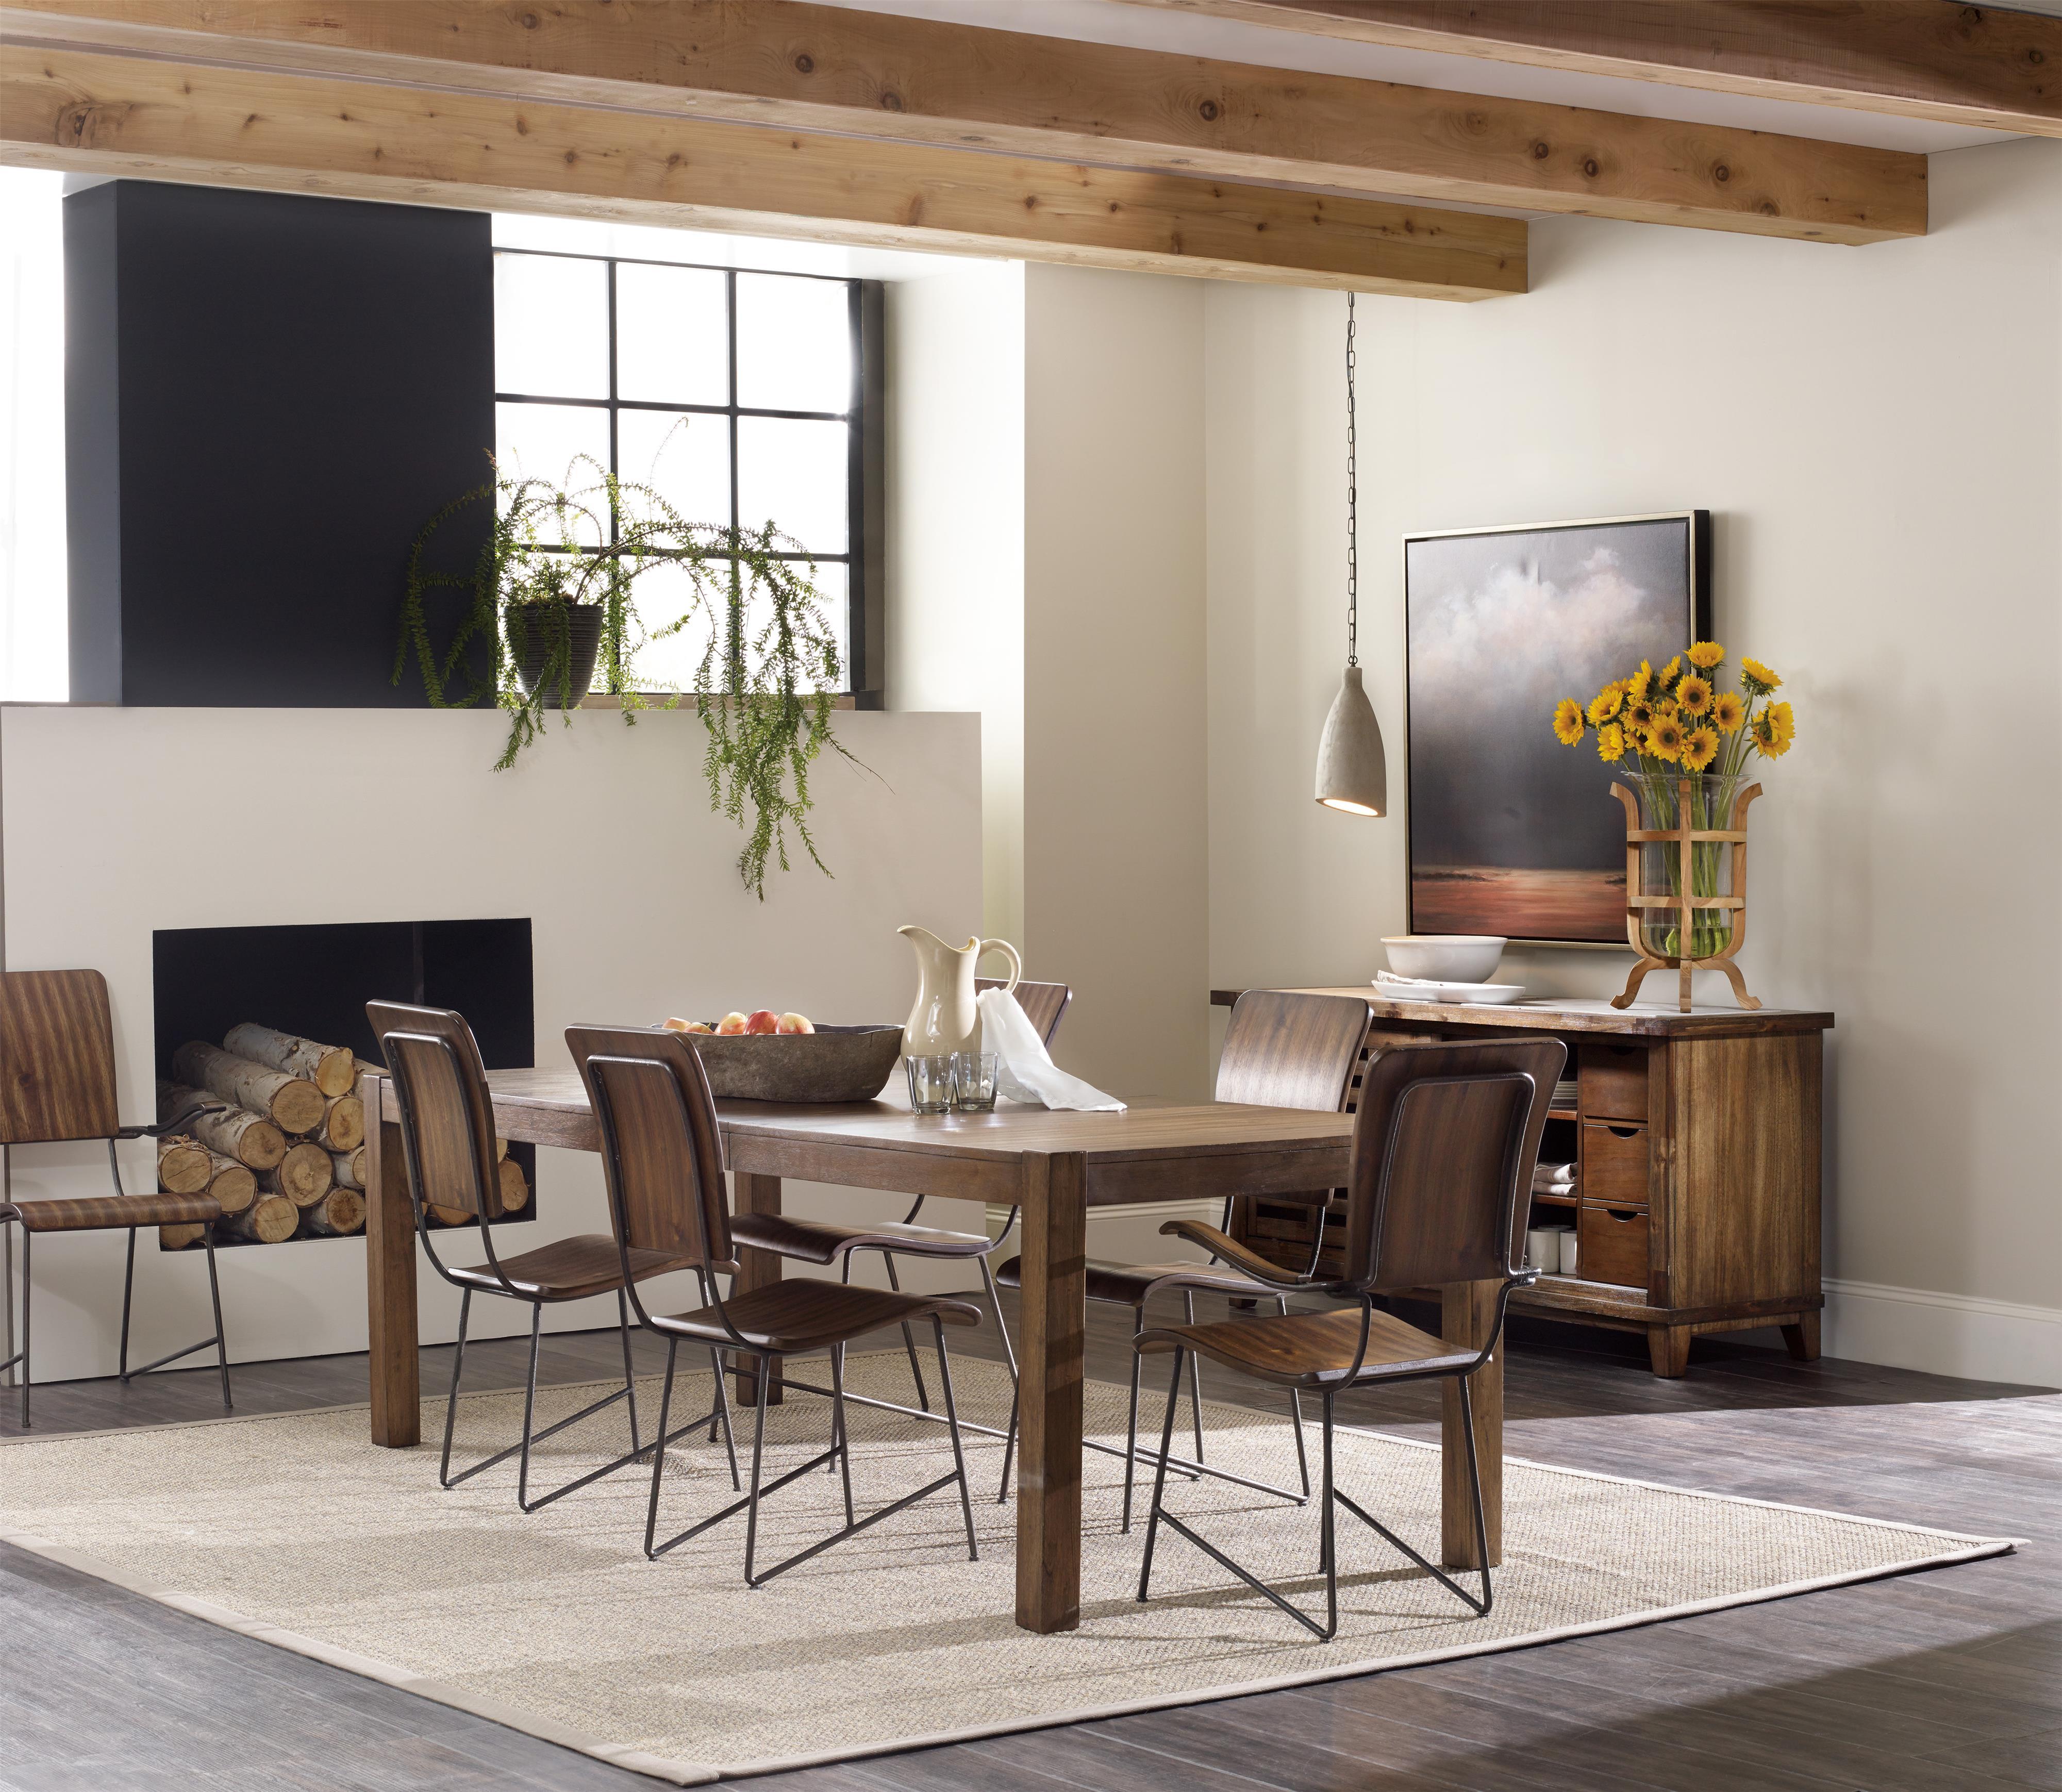 Hooker Furniture Studio 7H Formal Dining Room Group - Item Number: 5388 Dining Room Group 2